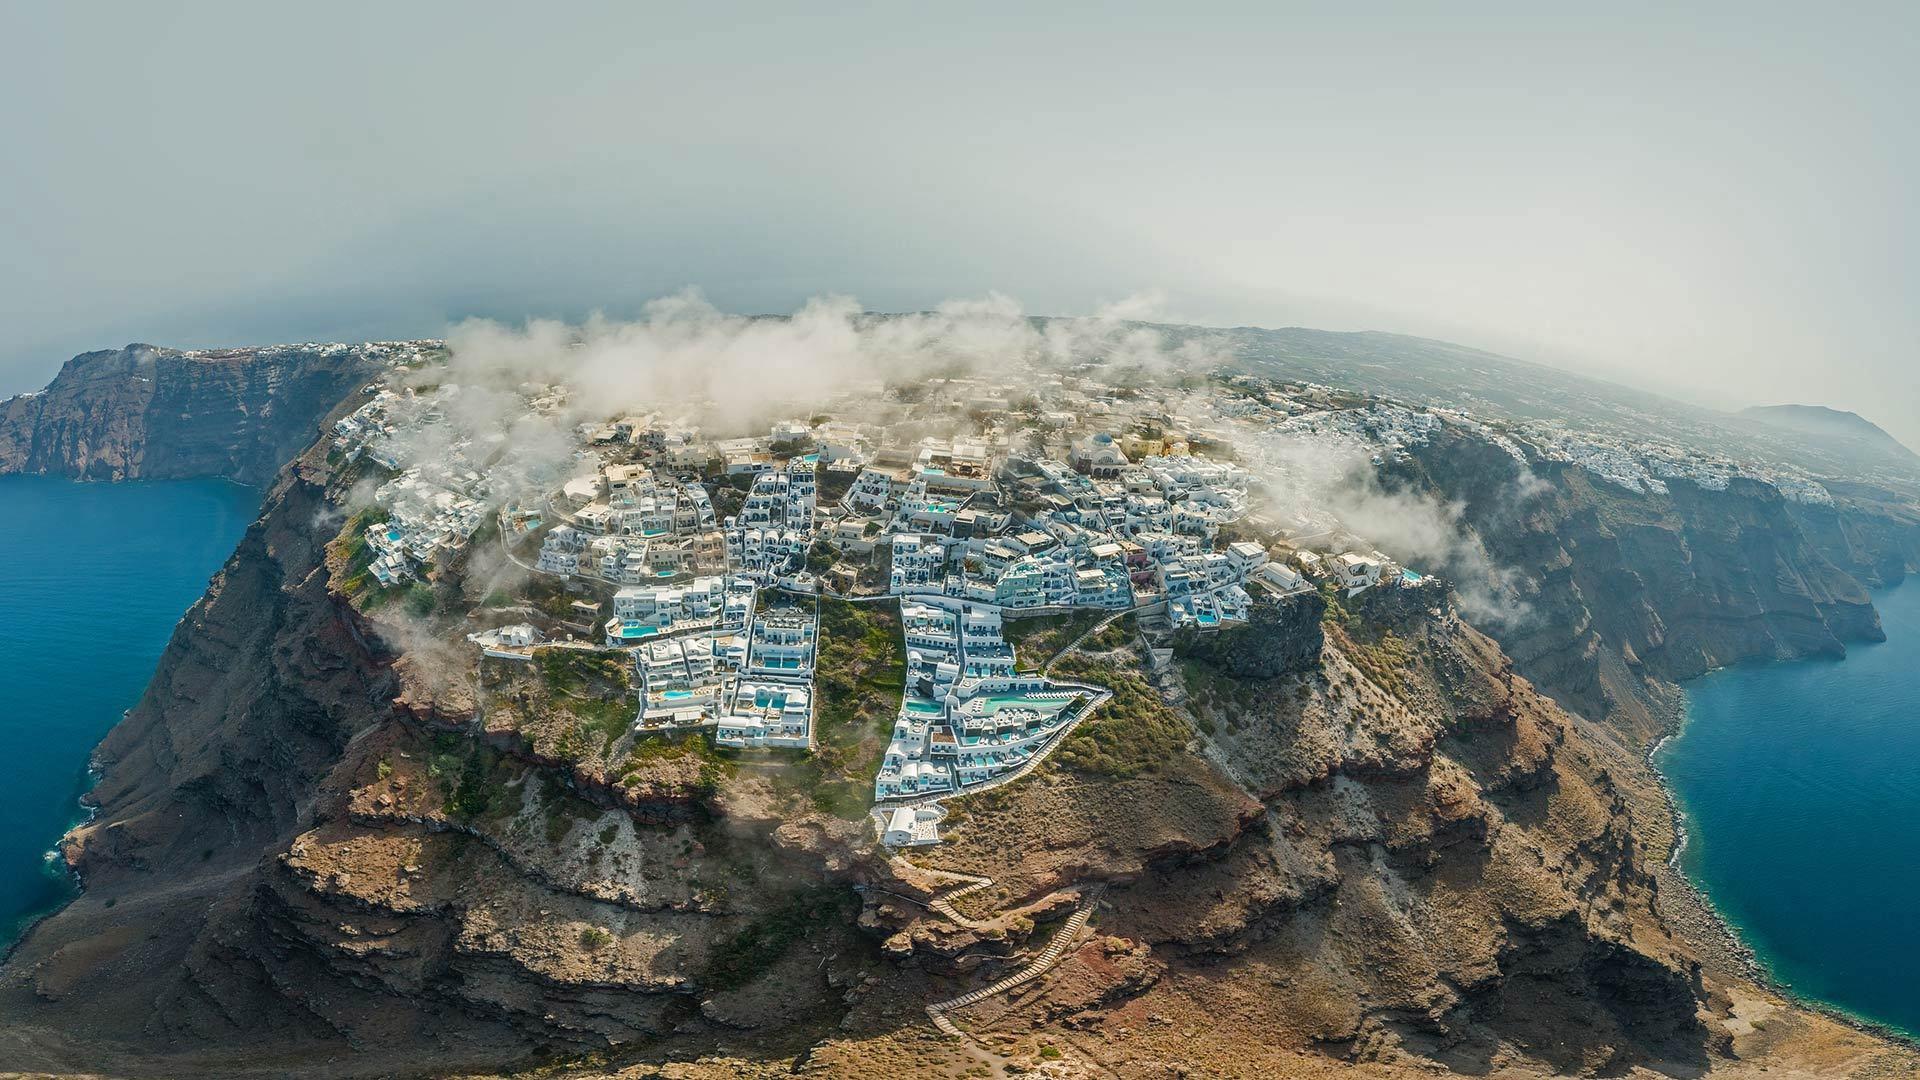 圣托里尼岛鸟瞰图圣托里尼岛鸟